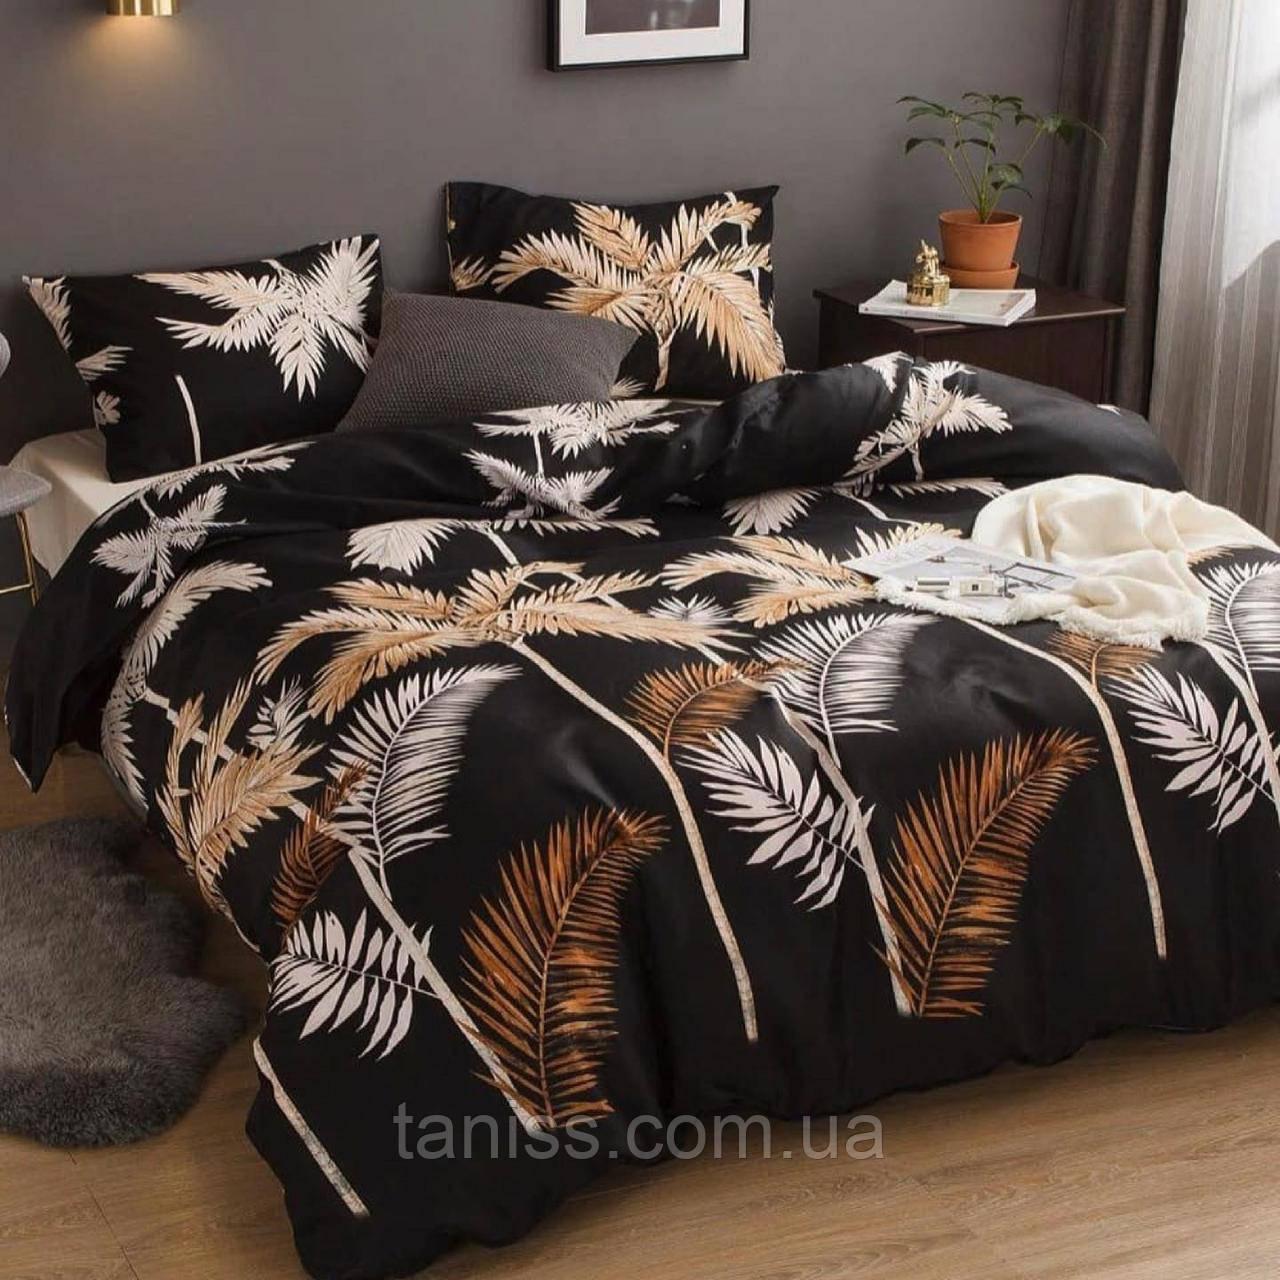 Двухспальный набор постельного белья Бязь Голд, расцветка как на фото, листья папоротника